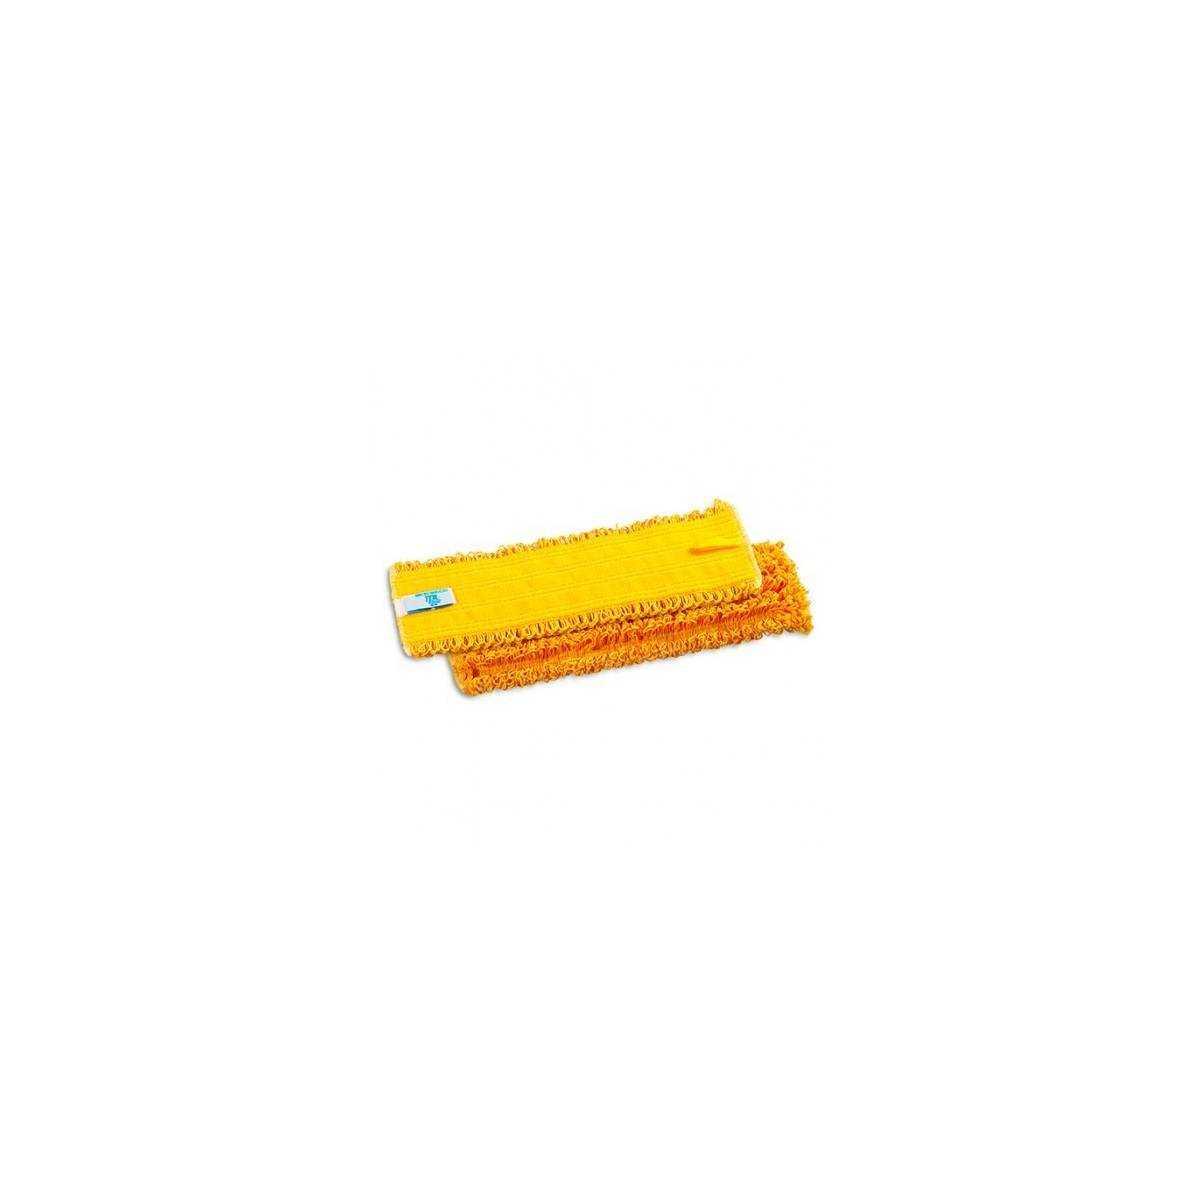 Моп Microriccio Velcro микрофибра 40см (Желтого цвета) 0GG00745MG TTS